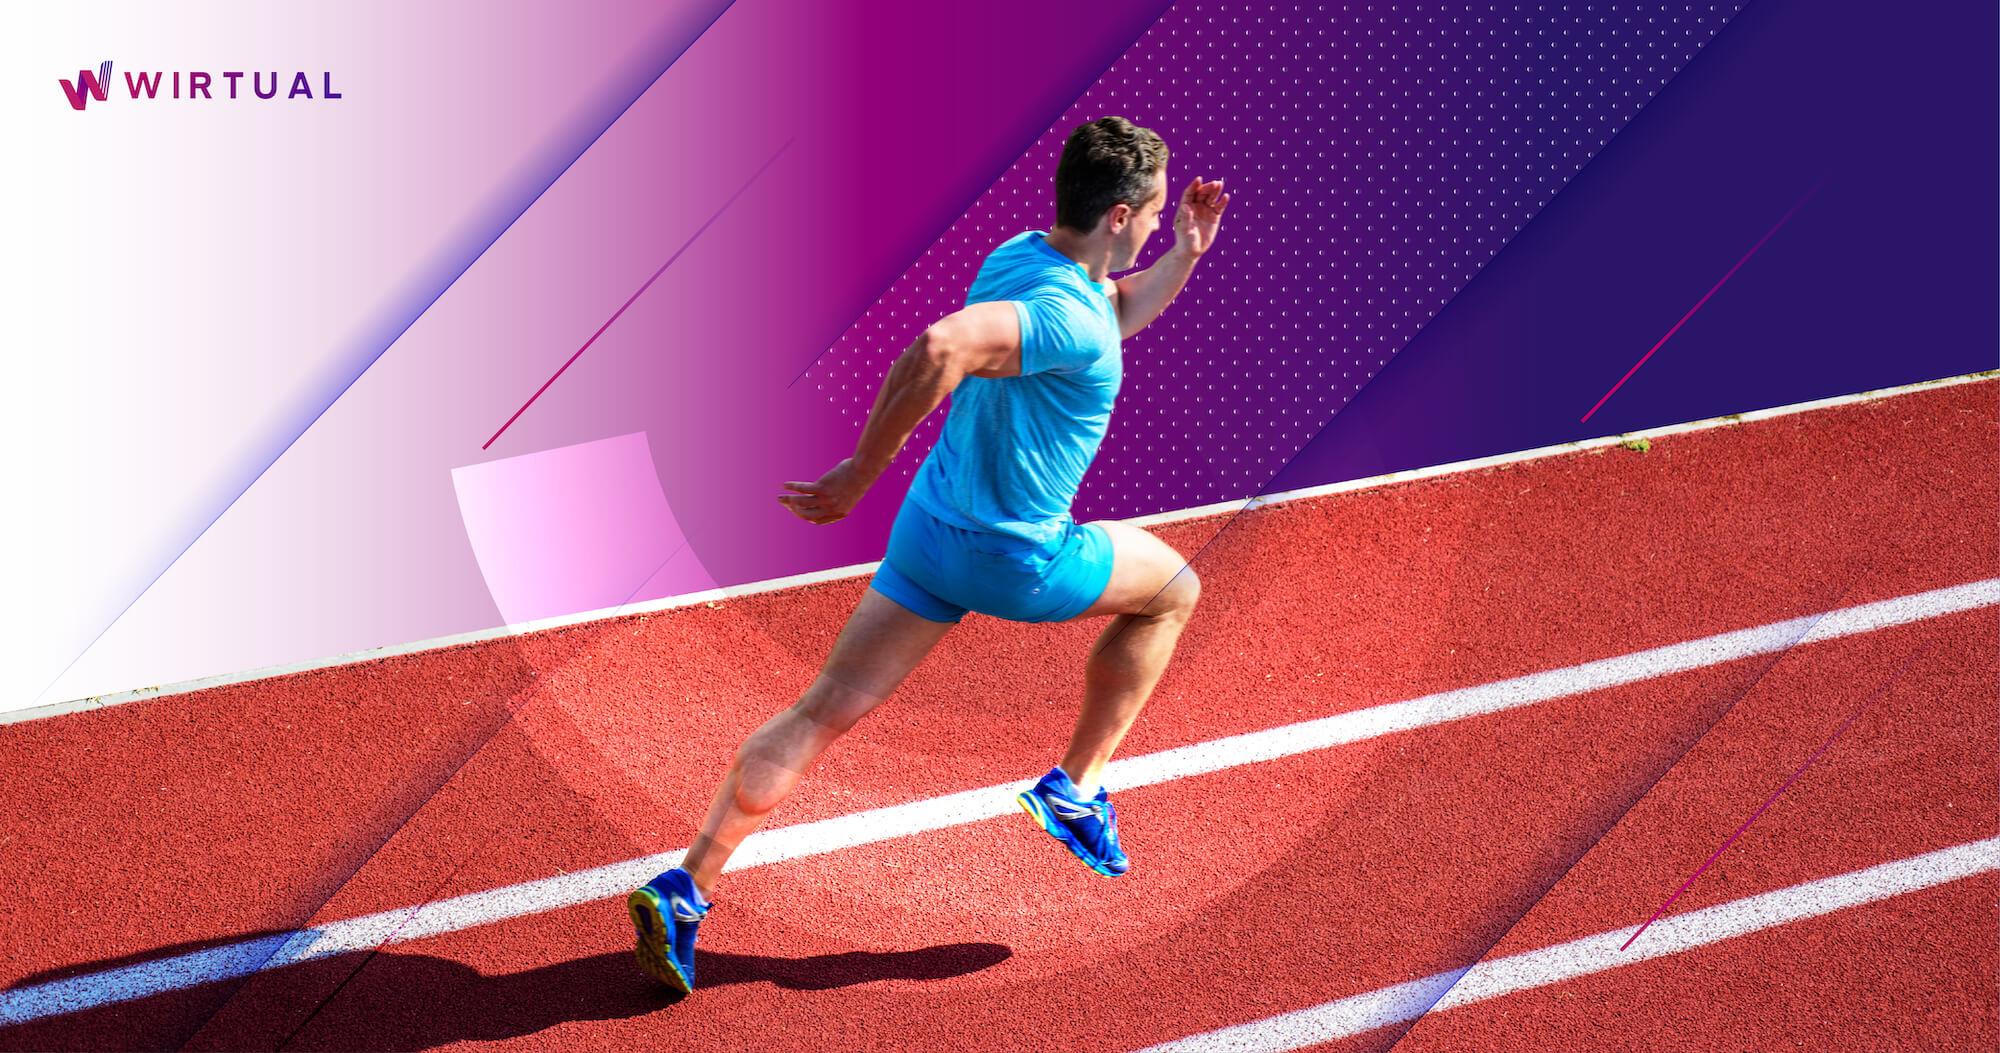 เทคนิคการออกกำลังกายแบบ Drill เพื่อเพิ่มประสิทธิภาพในการวิ่งของคุณ